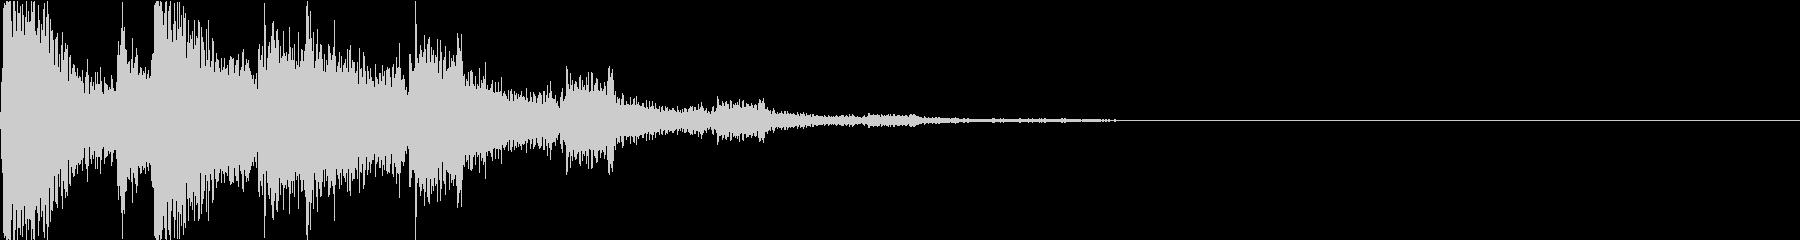 ブン・バリン:瓶が割れる音・衝撃・物音の未再生の波形